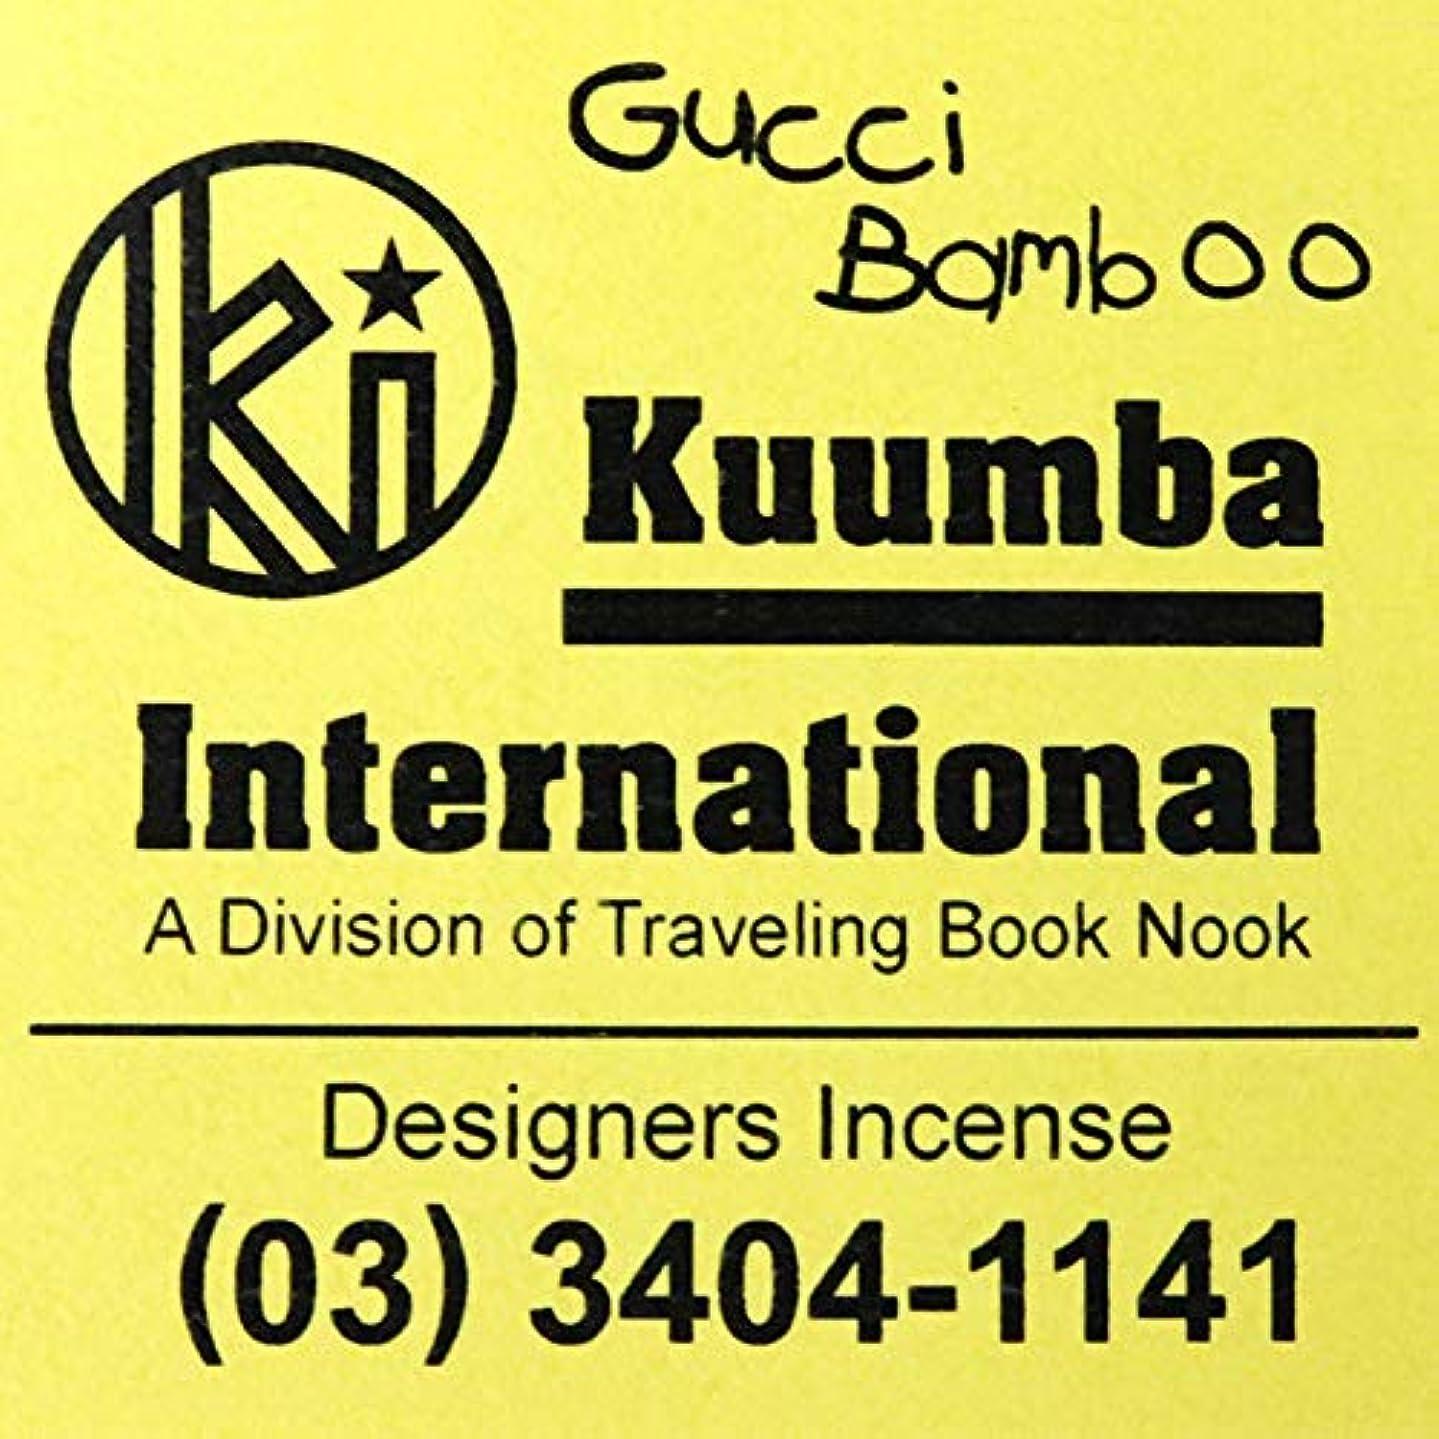 小道辛なレイプKUUMBA (クンバ)『incense』(GUCCI BAMBOO) (GUCCI BAMBOO, Regular size)